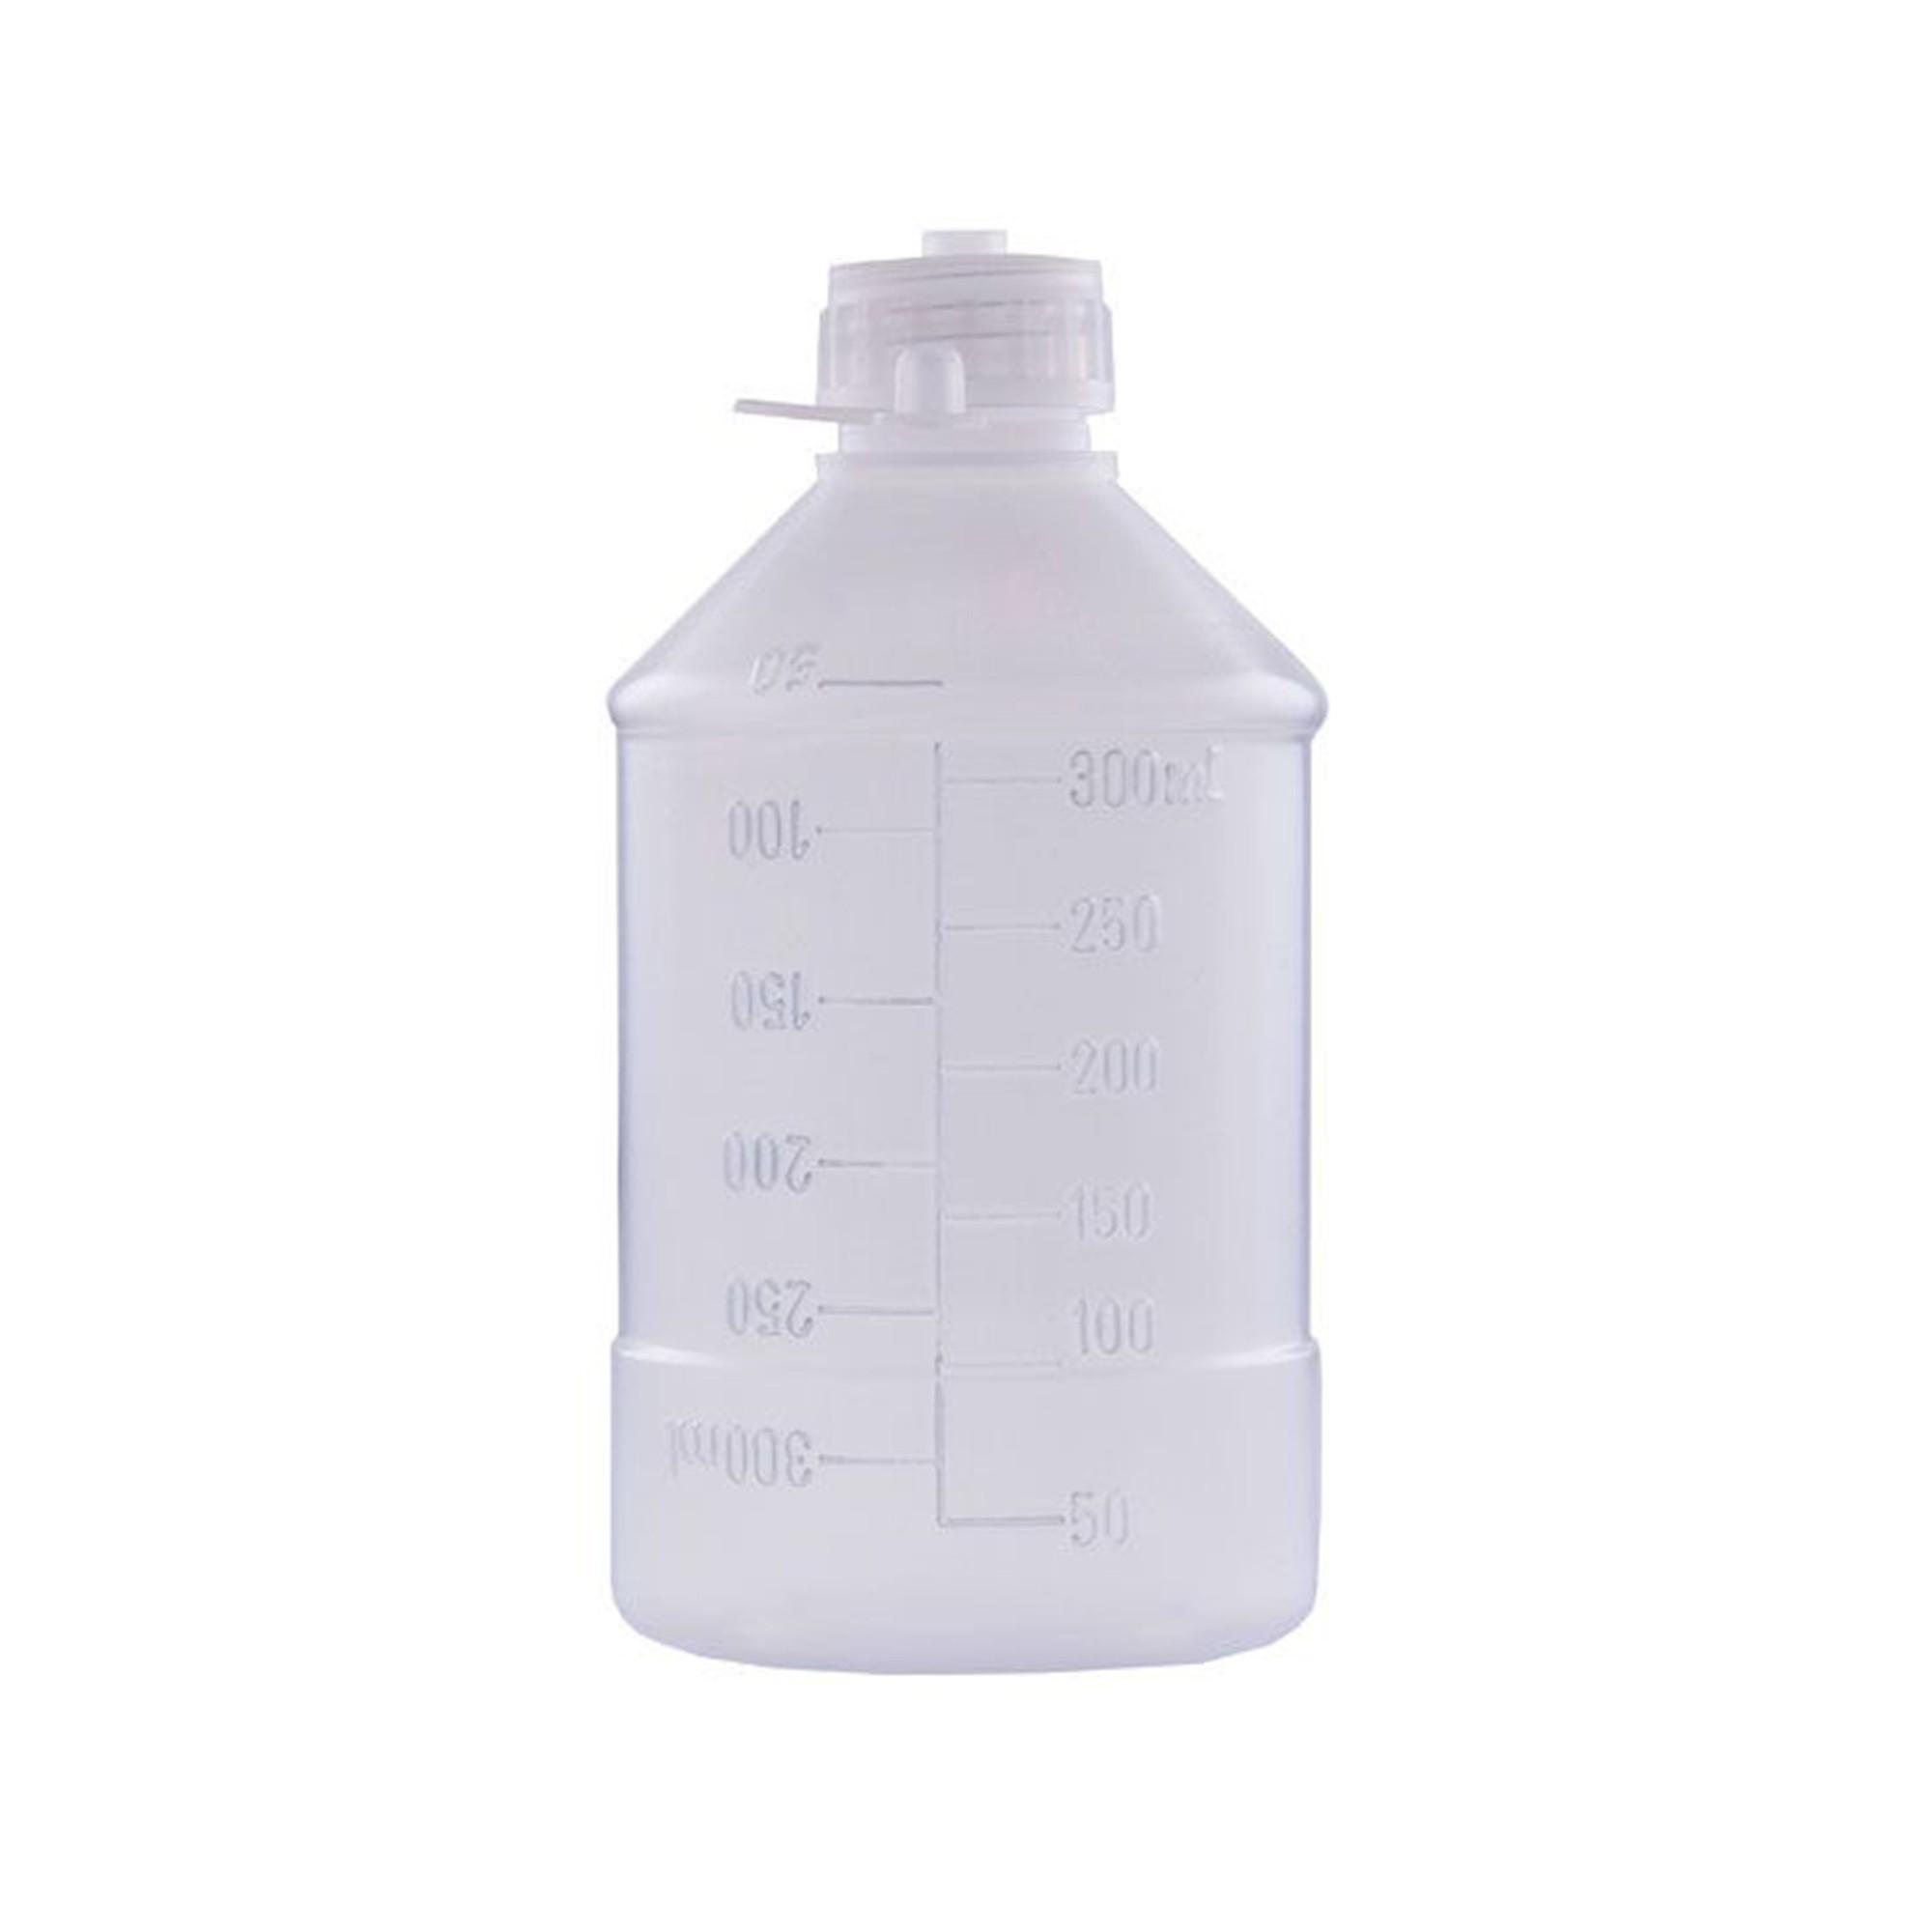 Frasco para Nutrição Enteral - 300ml - Biobase